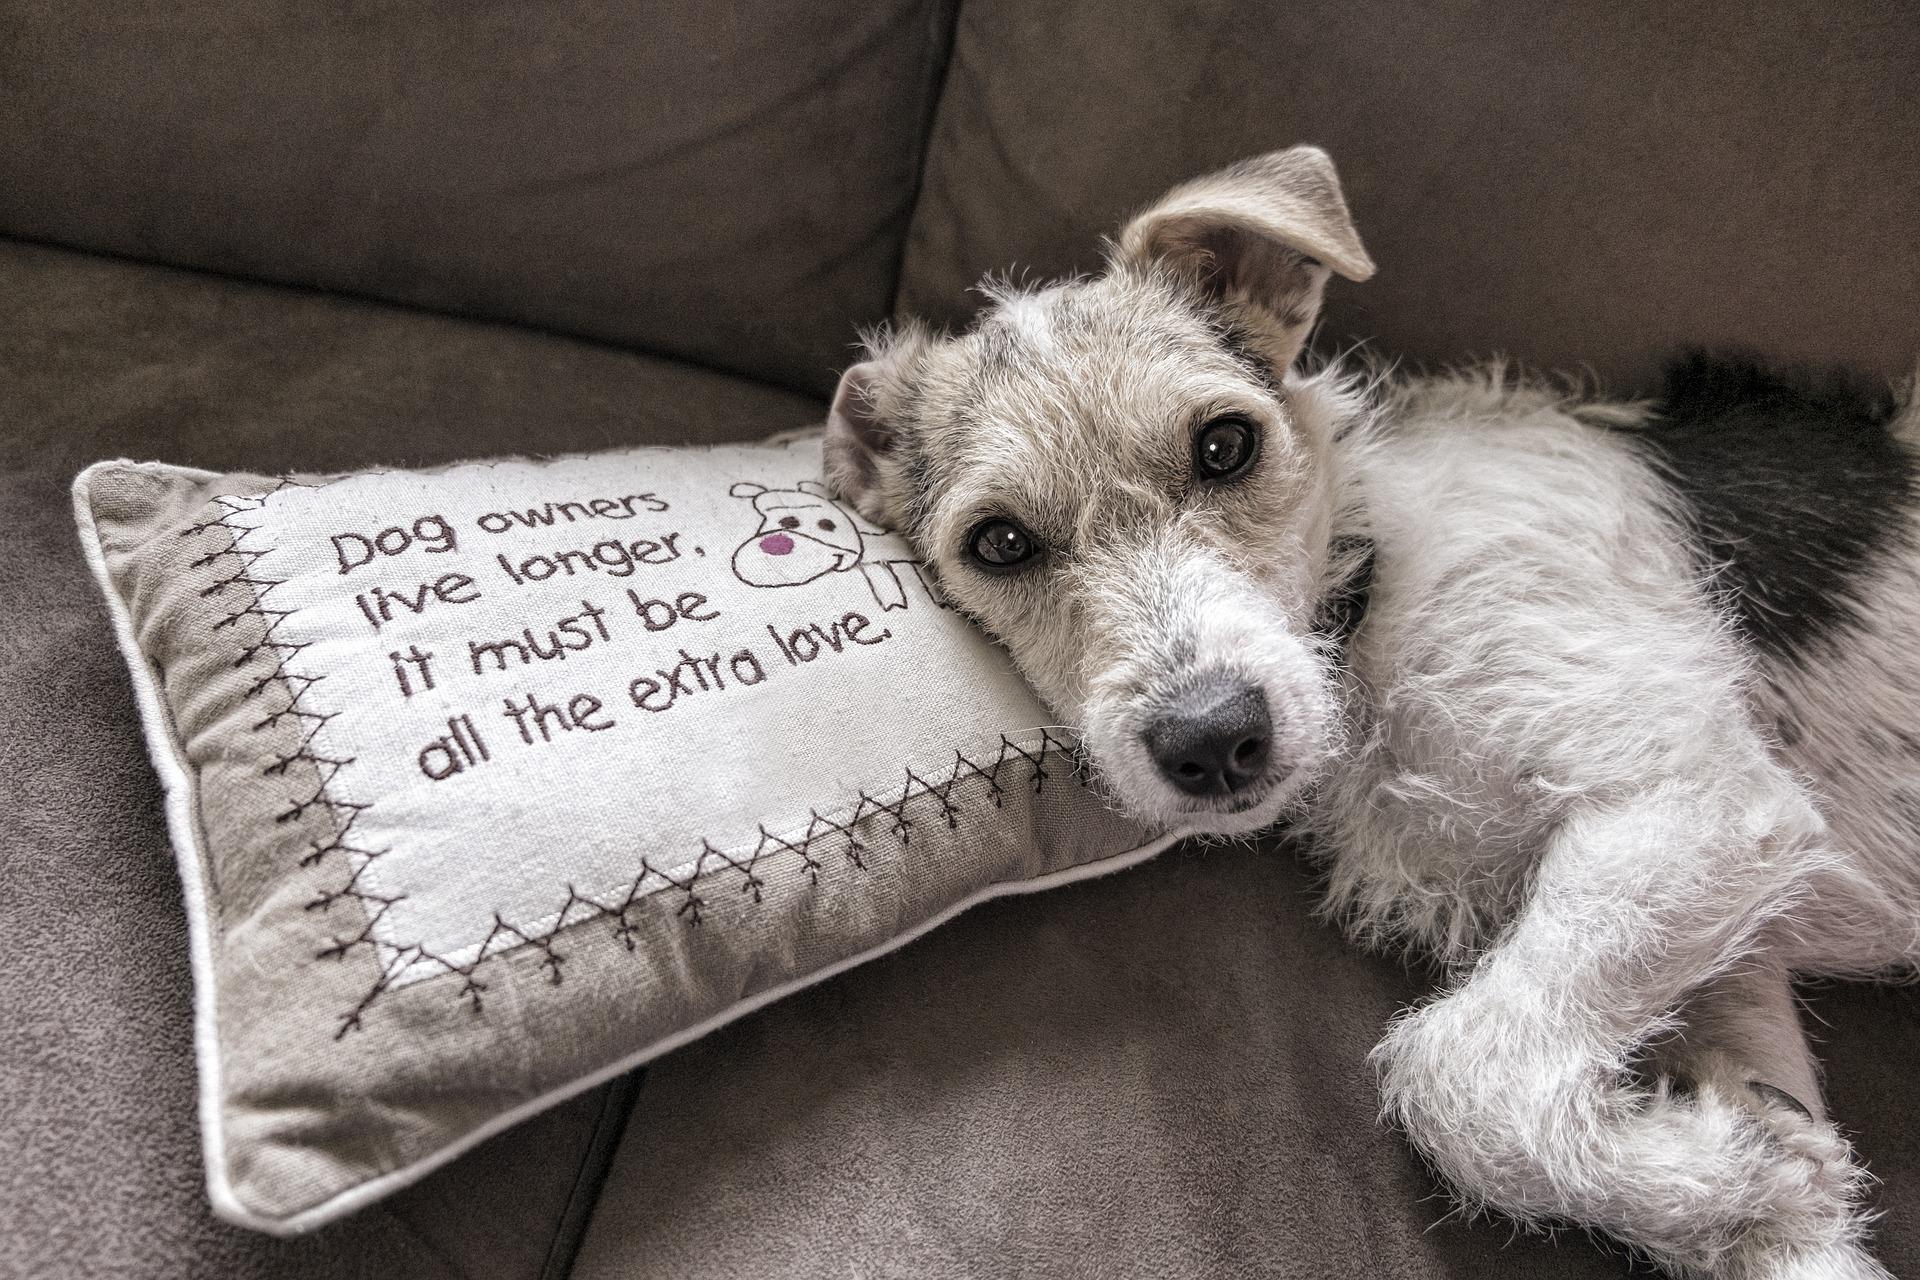 Como tirar cheiro de xixi de cachorro do sofá? Vejas essas super dicas